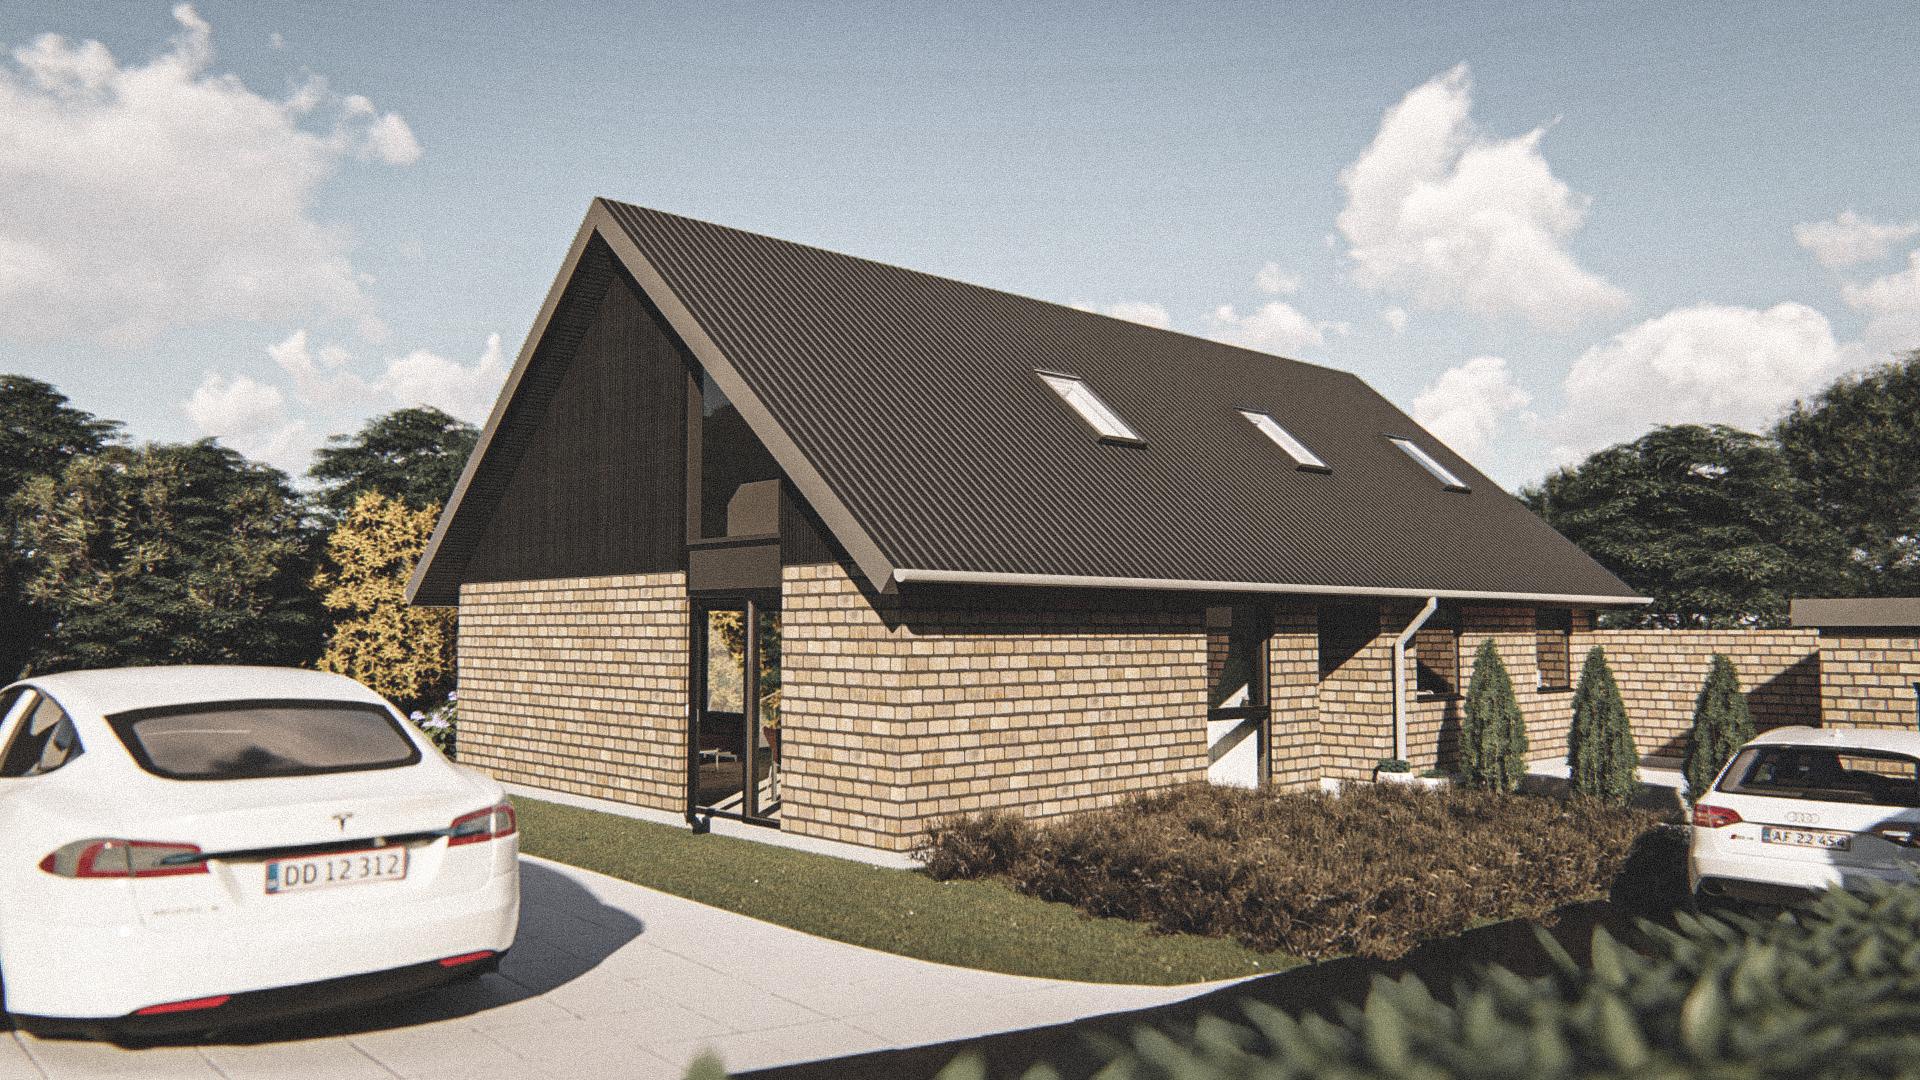 Billede af Dansk arkitekttegnet 2 plan villa af arkitektfirmaet m2plus, i Vodskov på 0 kvartratmeter.